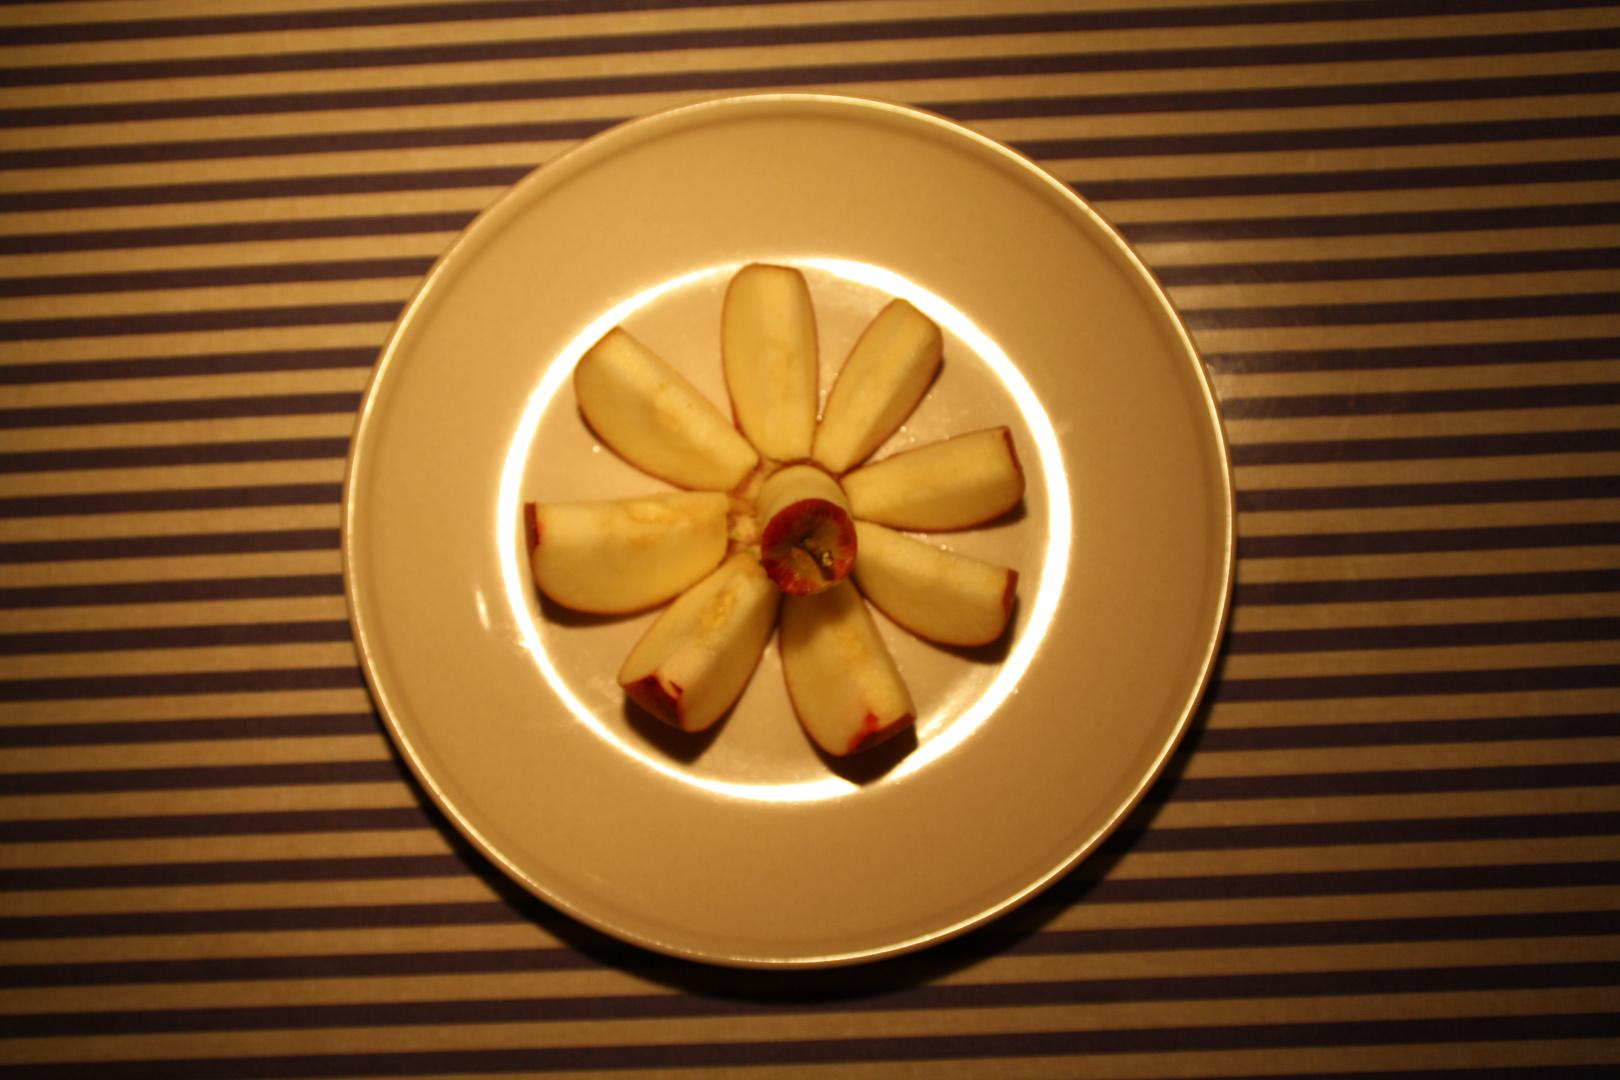 Apfel mit Lichtring